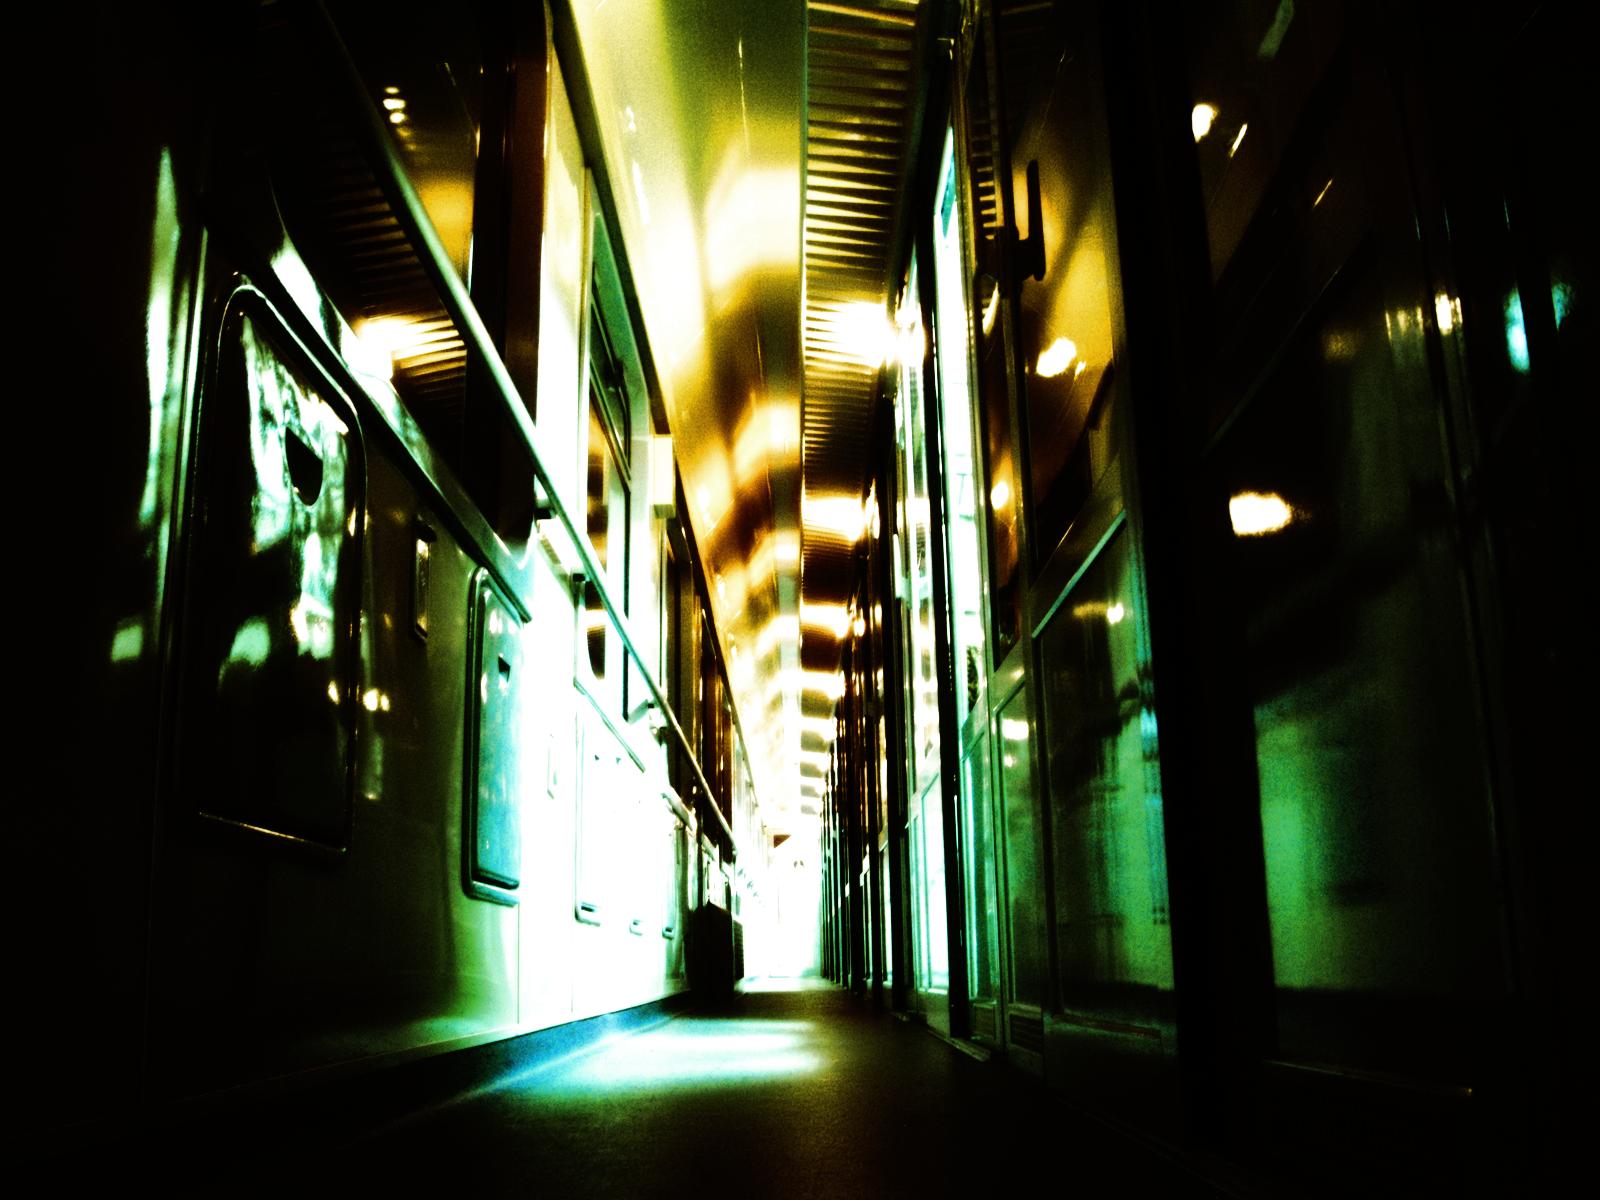 http://4.bp.blogspot.com/-tX895ZJB094/Trq0szNBtQI/AAAAAAAAAmQ/VousMhiLZ2Y/s1600/rail+car+corridor-wall-inkbluesky.png